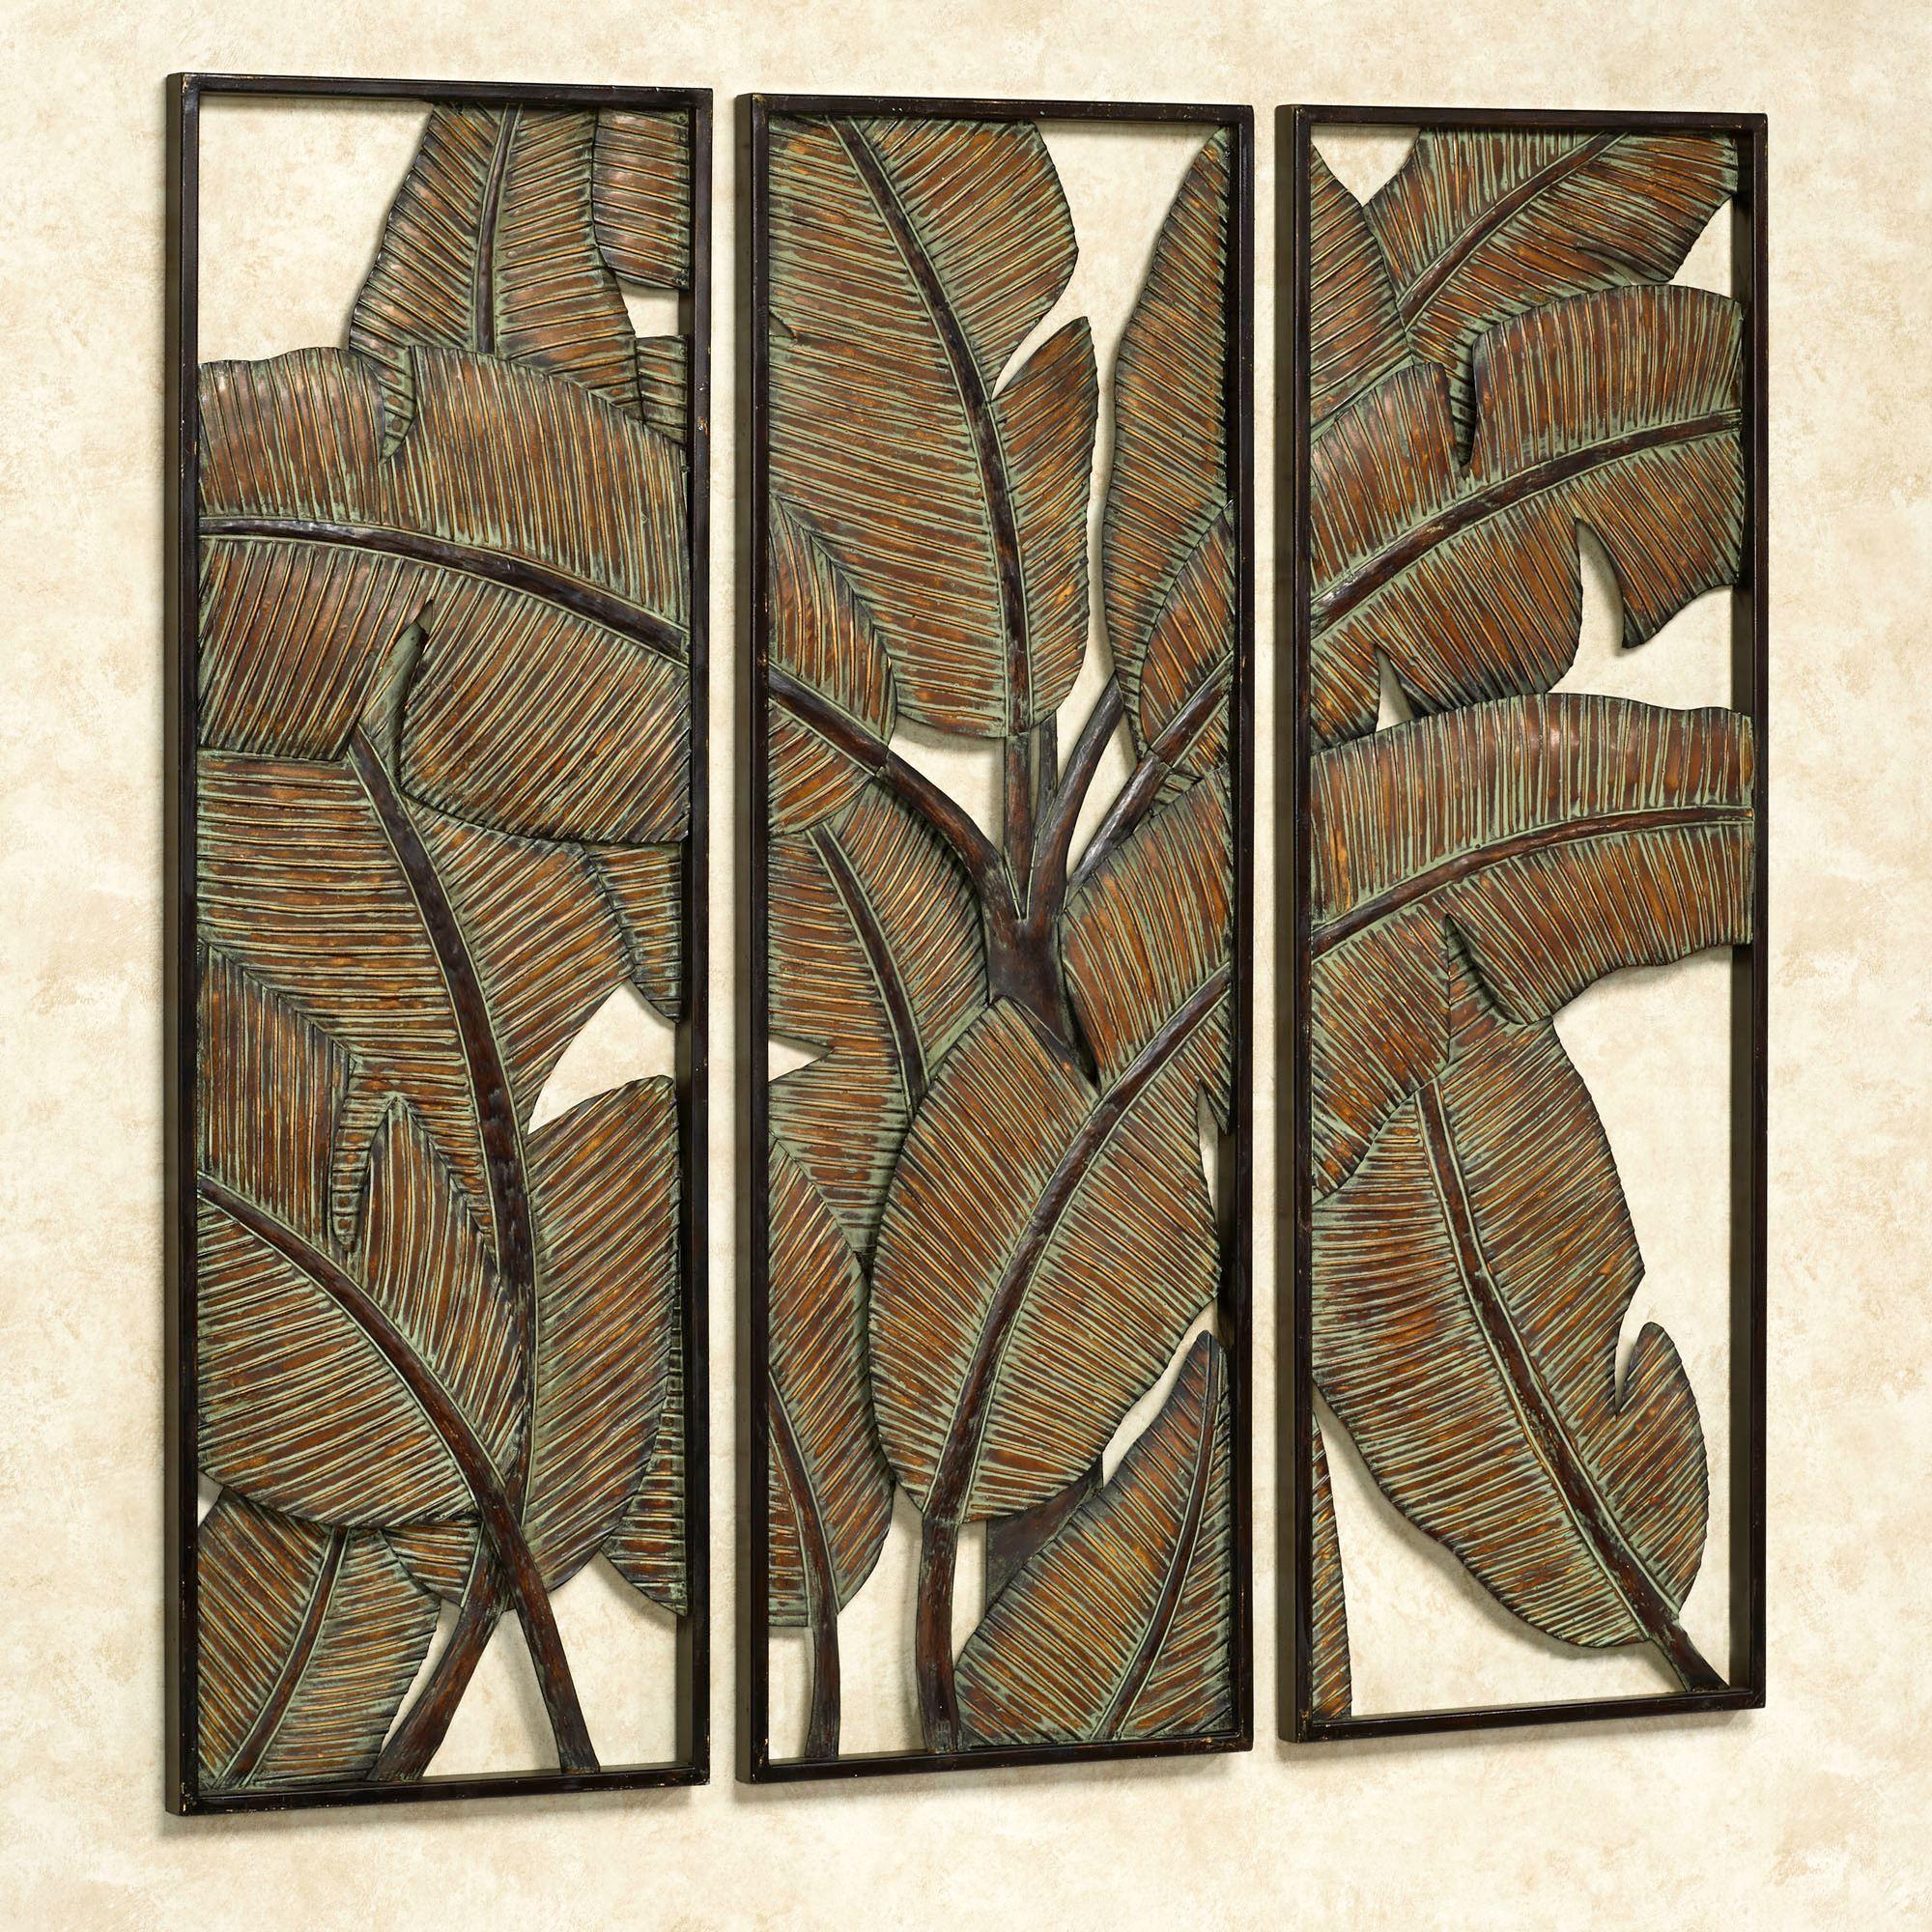 Kaylani Tropical Leaf Metal Wall Art Panel Set throughout Metallic Wall Art